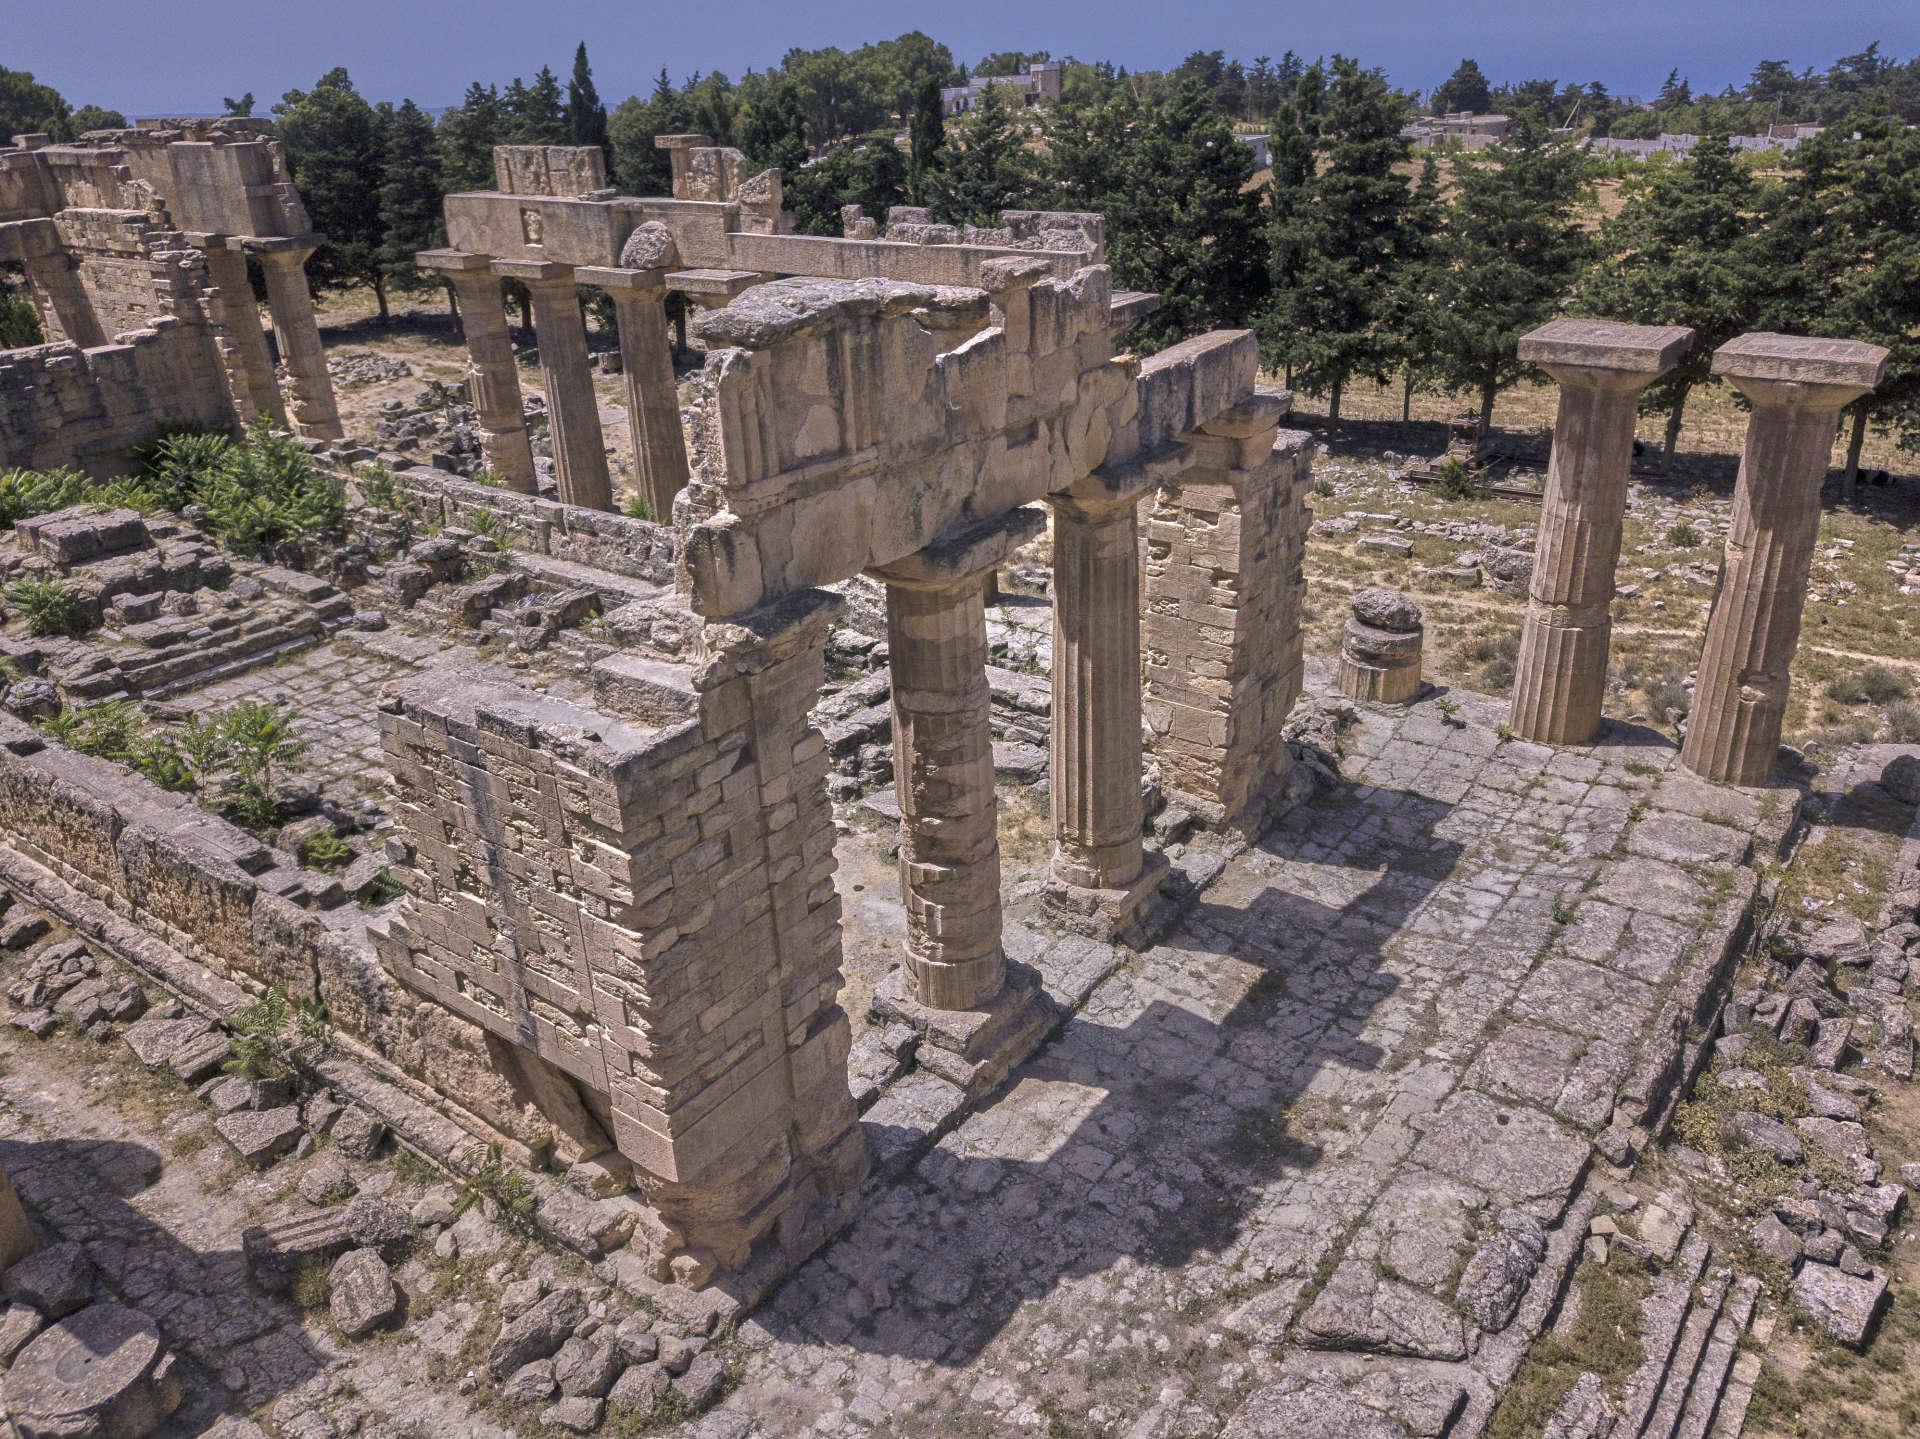 Le temple de Zeus, à Cyrène, plus vaste que le Parthénon d'Athènes. Le Dieu suprême des anciens Grecs y siégeait en position assise. Ses doigts de pied conservés au musée local donne une idée de la taille de la statue.